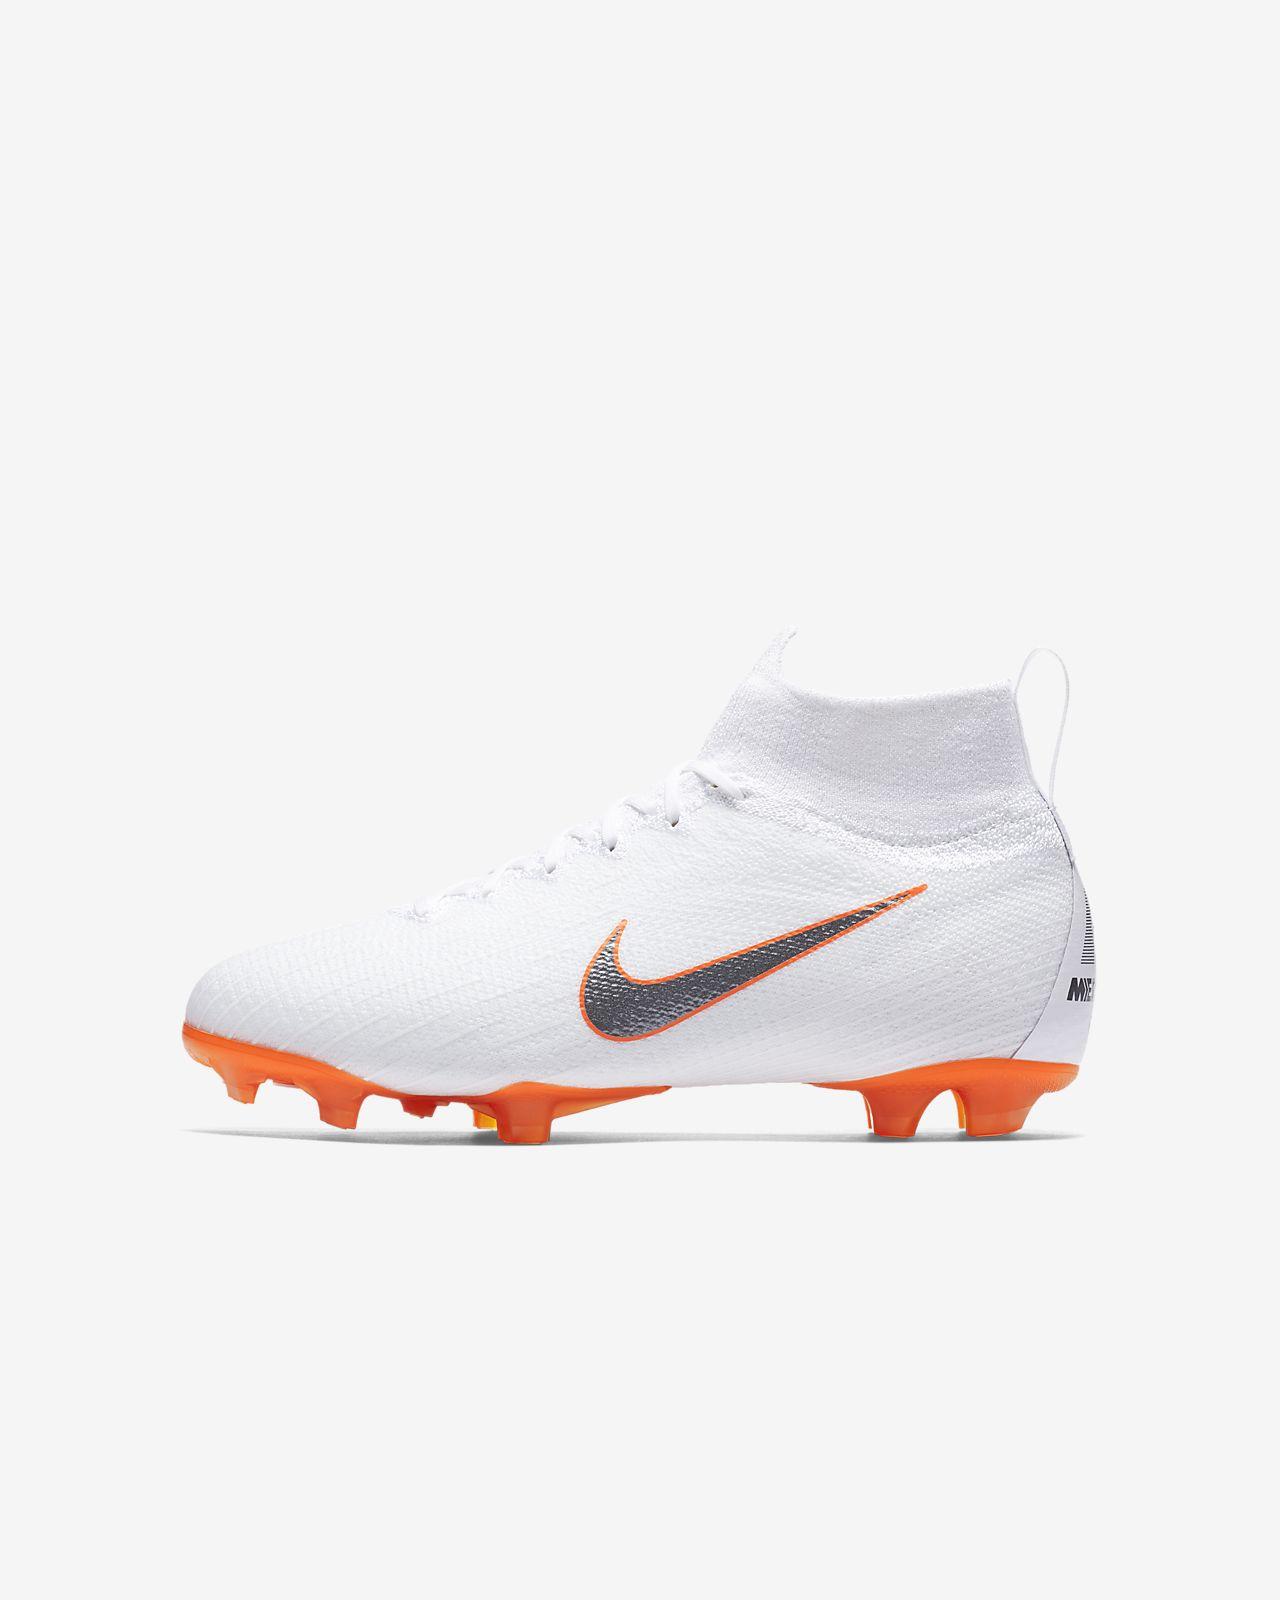 finest selection ea25d 45f32 ... chaussure de football à crampons pour terrain sec nike jr. mercurial  superfly 360 elite just